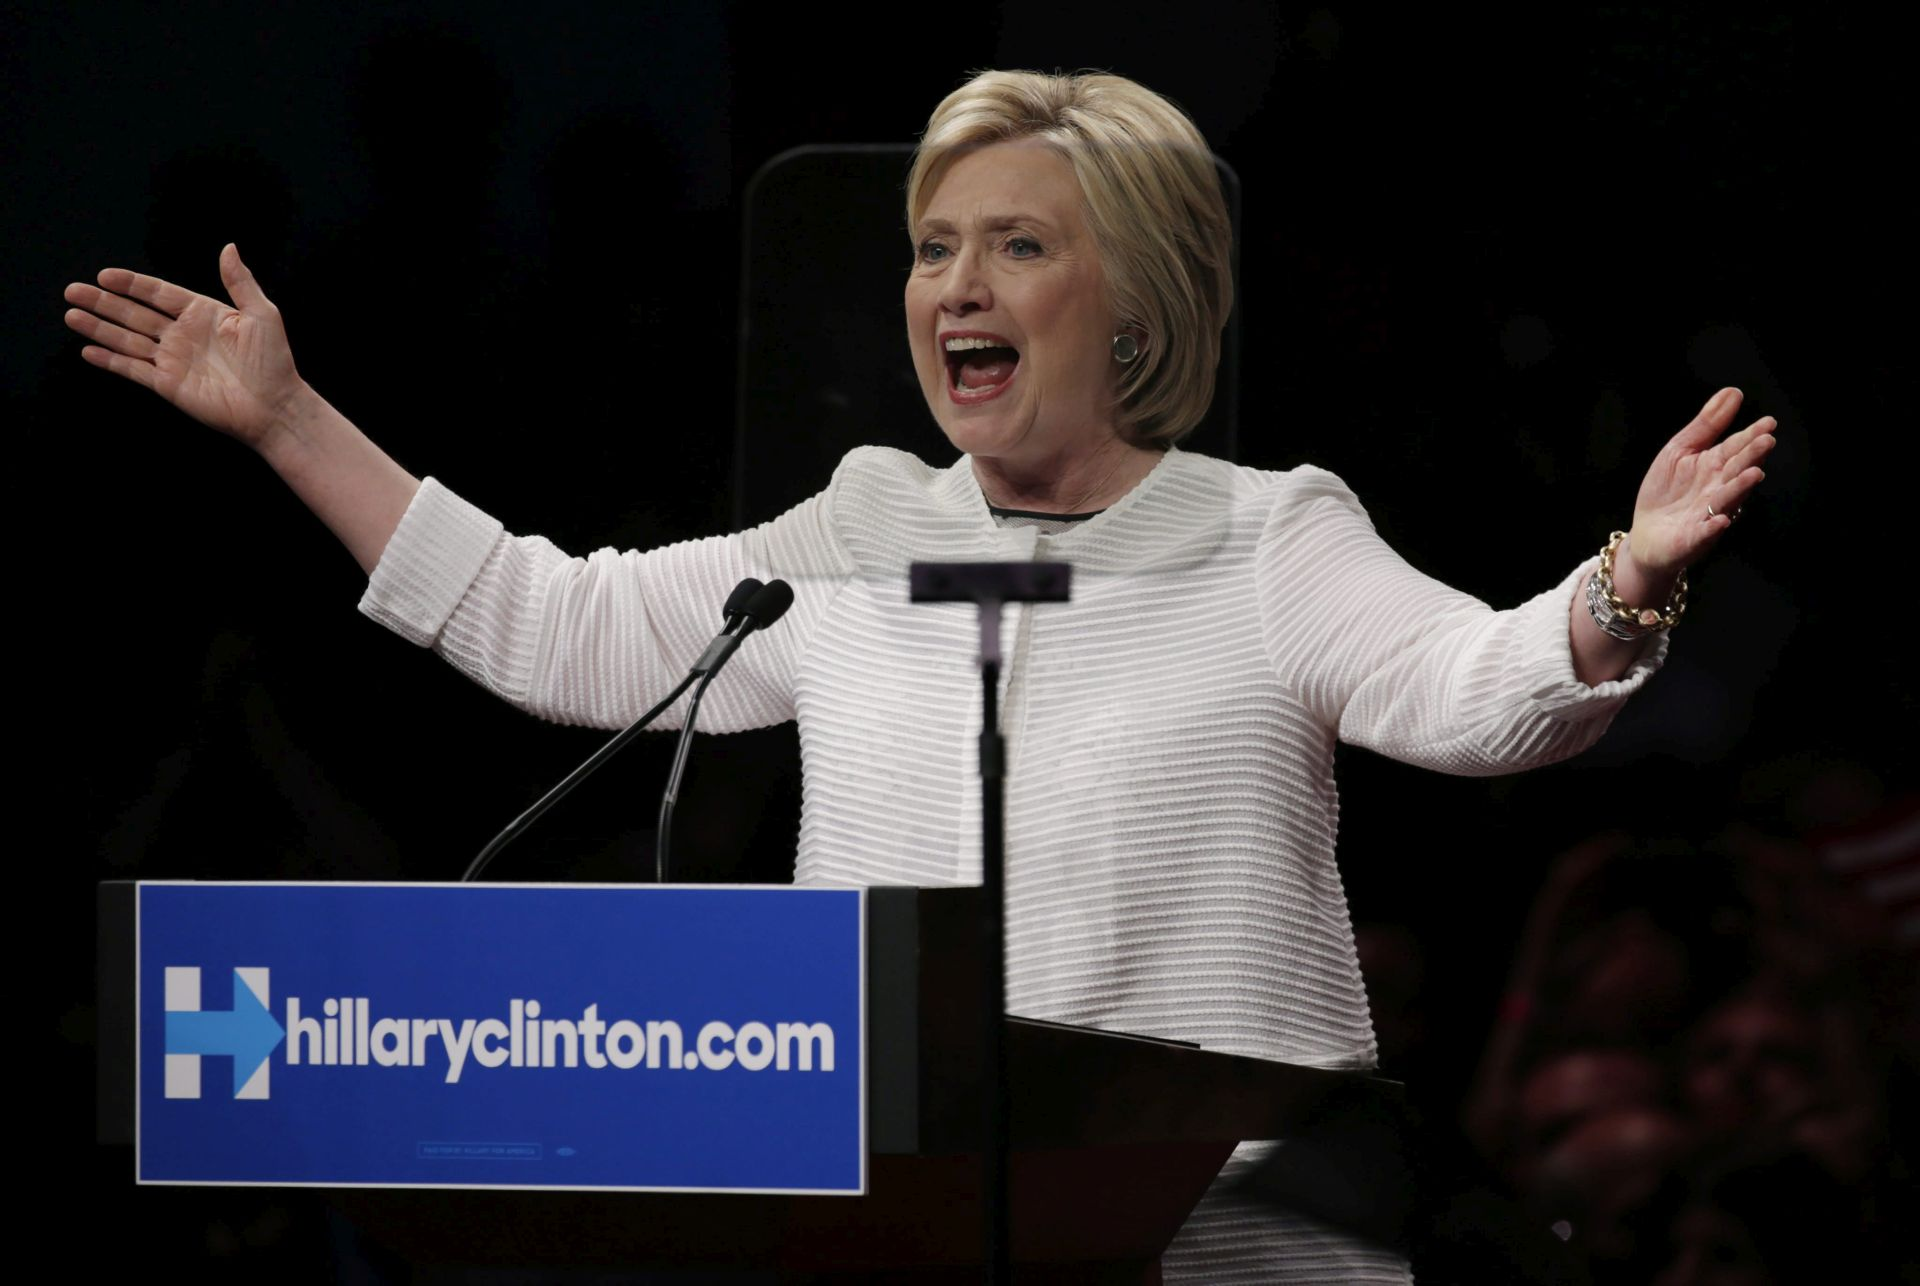 PREDSJEDNIČKI IZBORI: Senatorica Warren moguća potpredsjednica Hillary Clinton